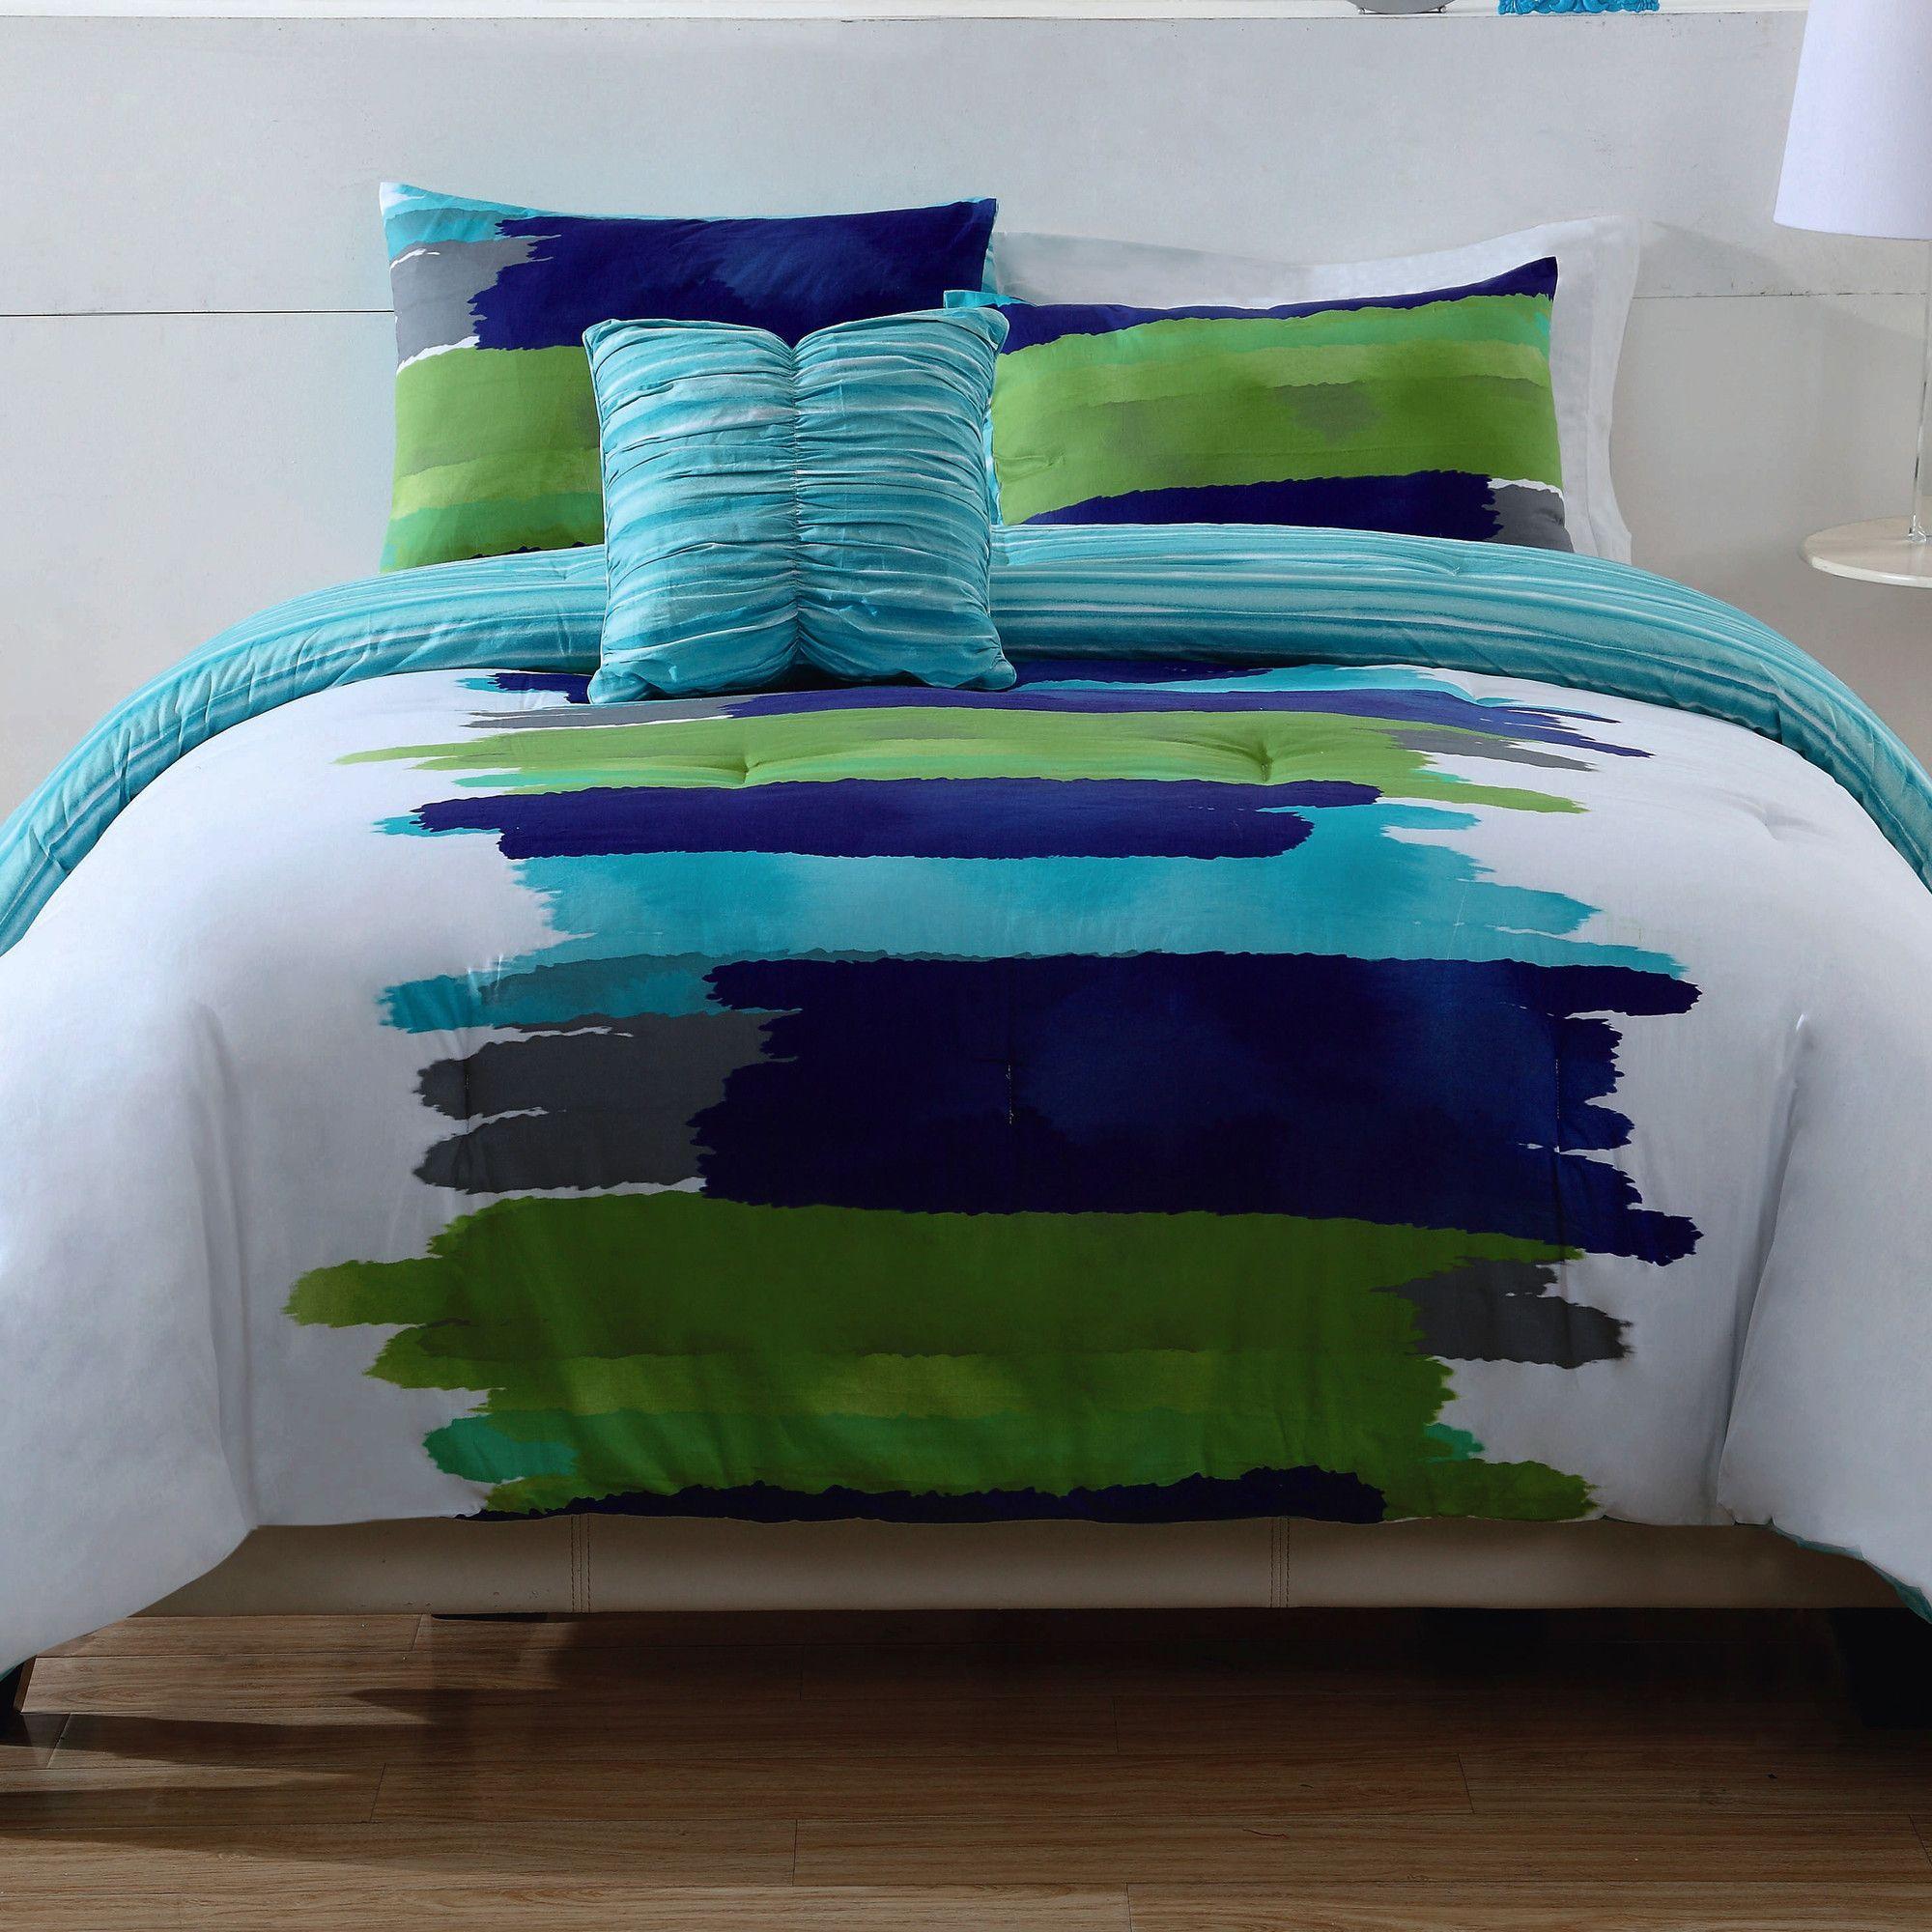 Watercolor Blue Comforter Set In Green